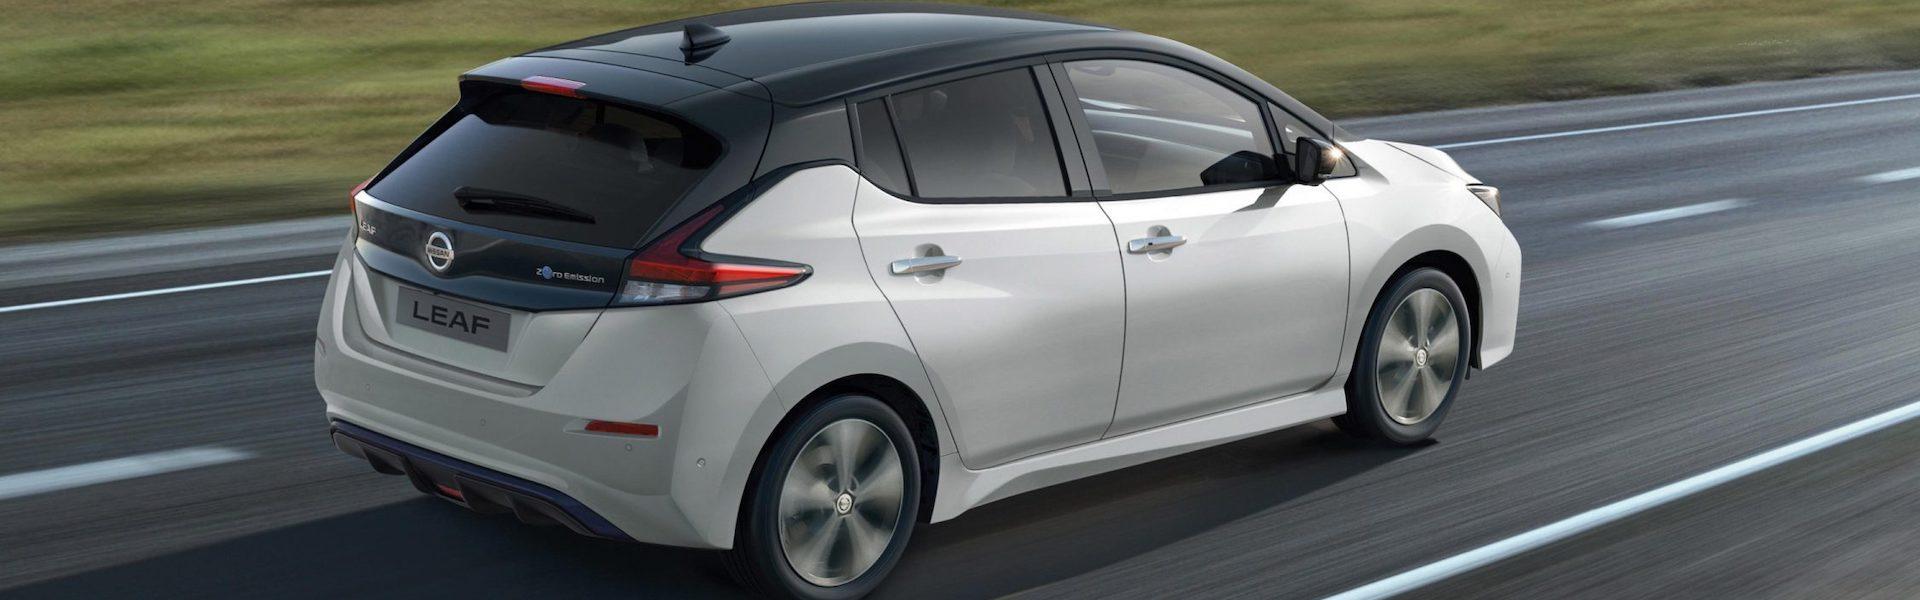 características do Nissan Leaf